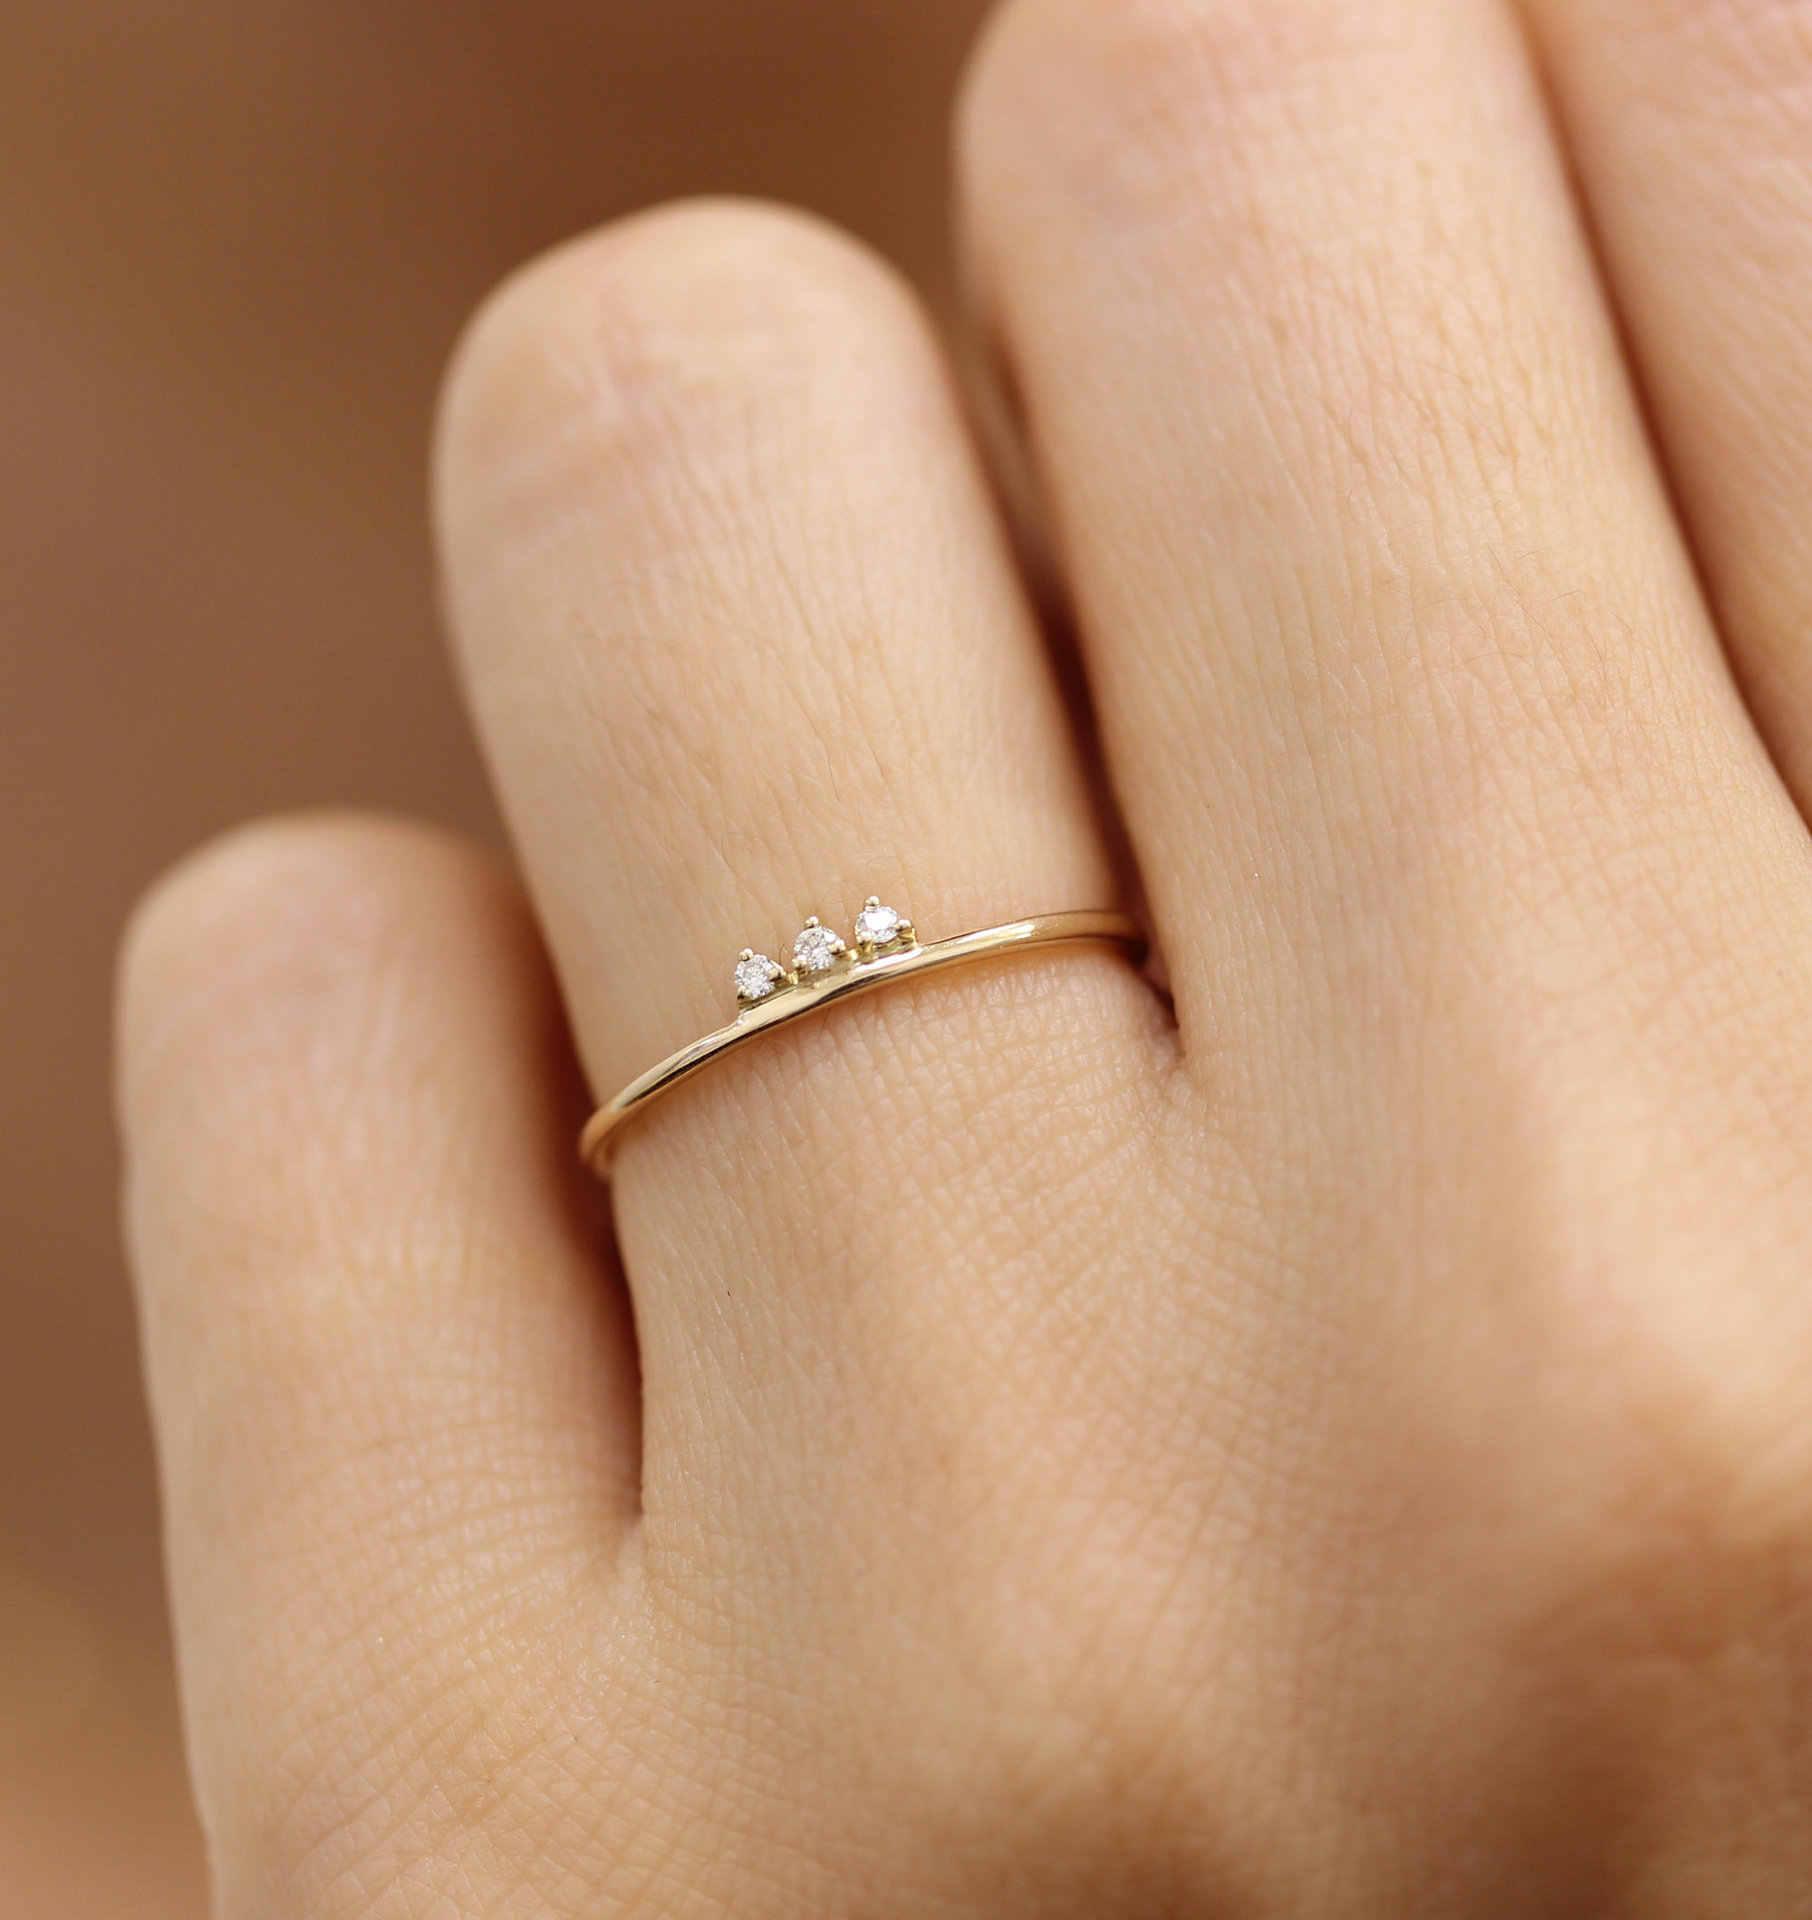 925 anillos เงิน 14K ทองฝังขนาดเล็กหักเพชรประณีตขนาดเล็กสดน่ารัก Lady Girl เครื่องประดับส่วนบุคคล